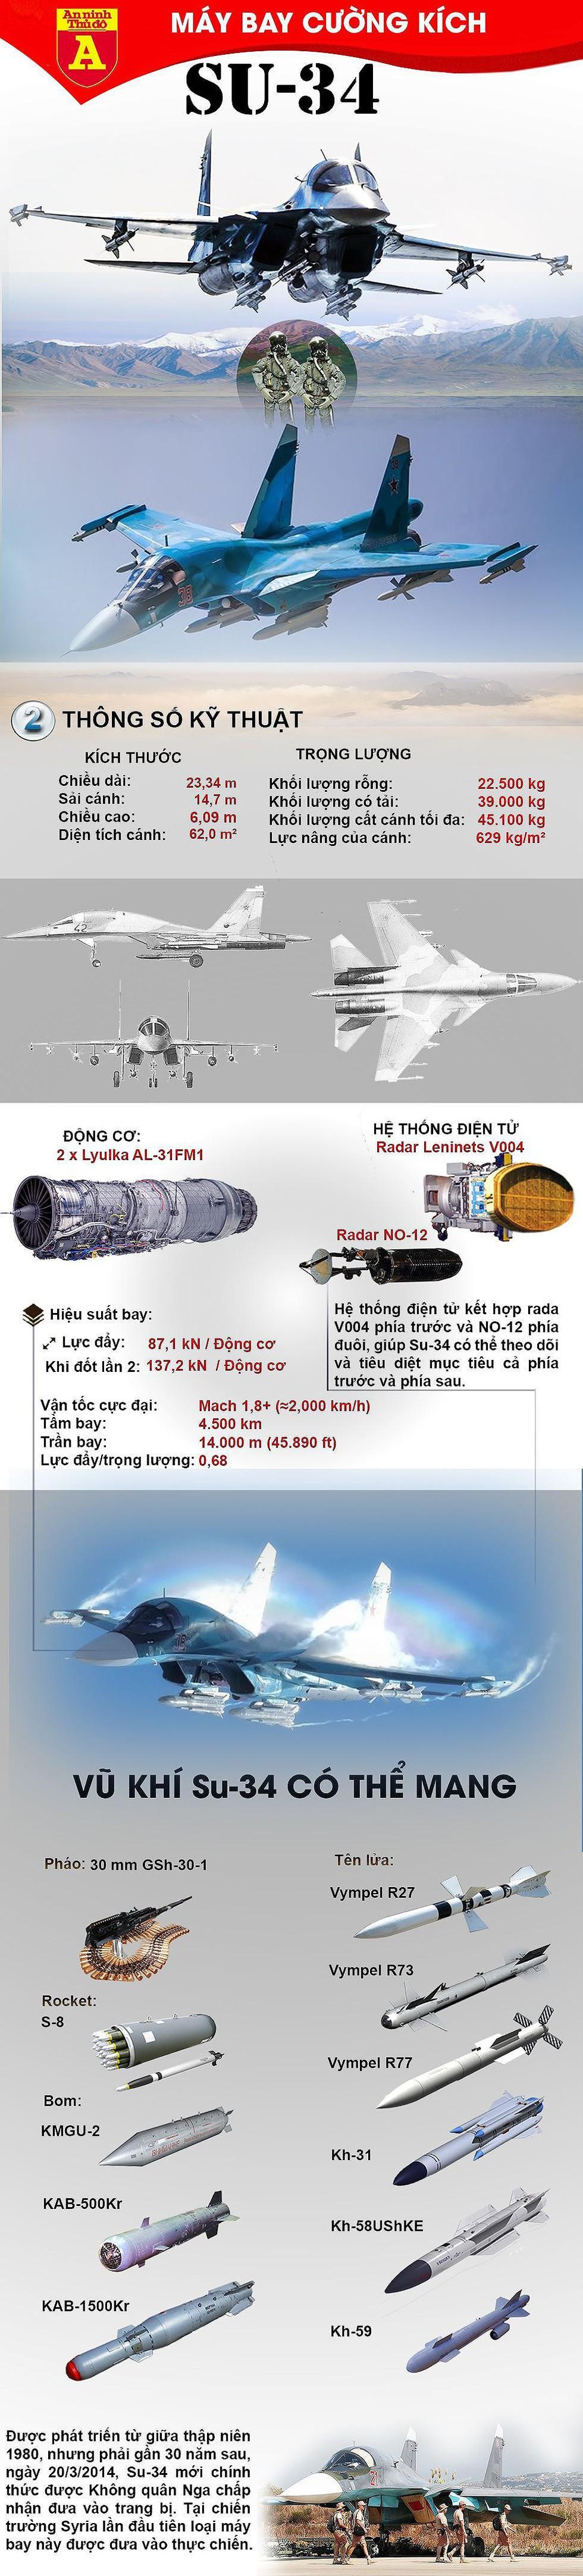 [Infographic] Hai tiêm kích bom Su-34 của Nga va vào nhau trên không - Ảnh 1